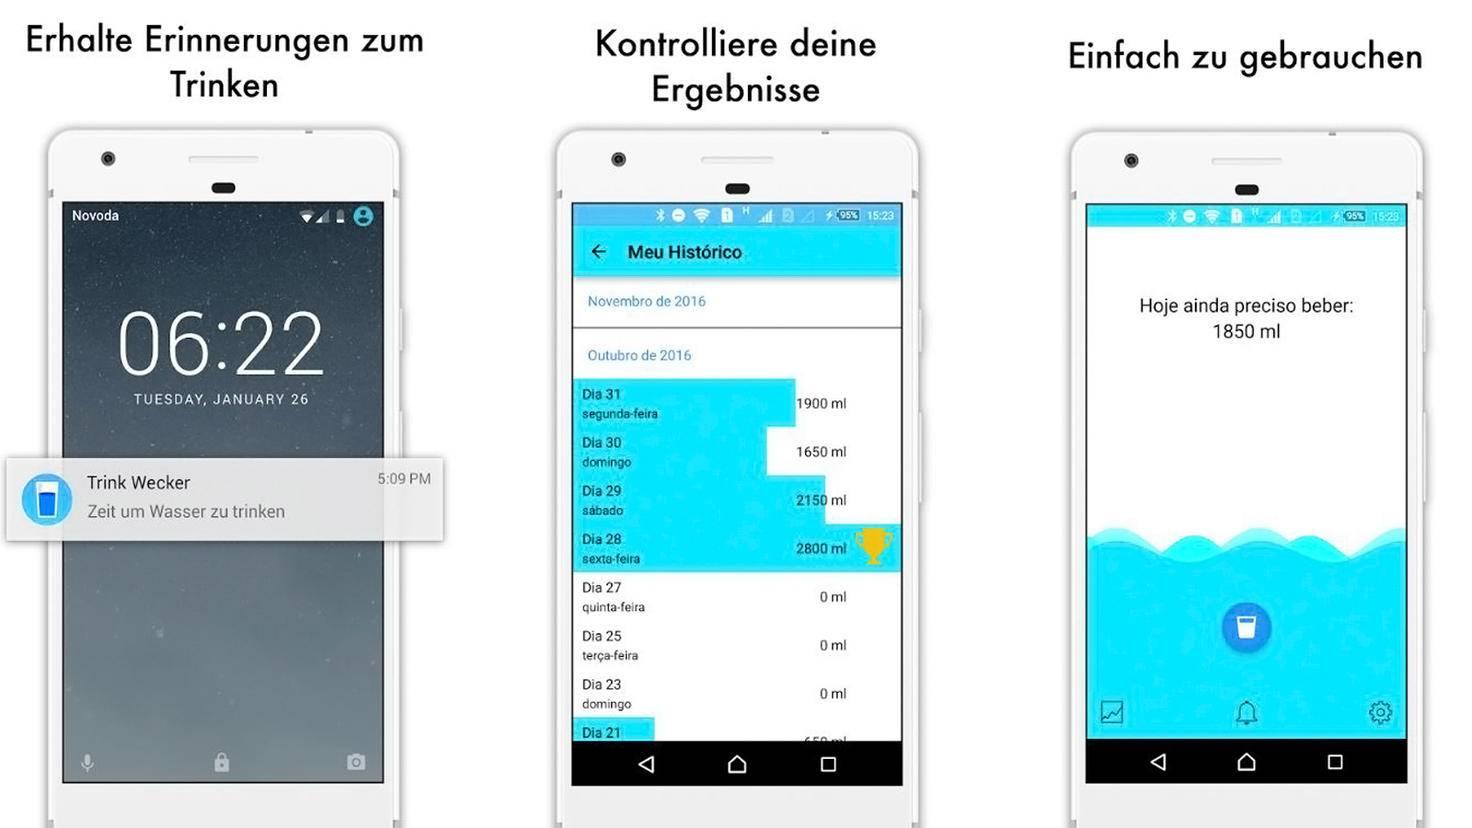 Trink Wecker Mein Wasser-Google Play Store-Aplicativos Legais - LTDA